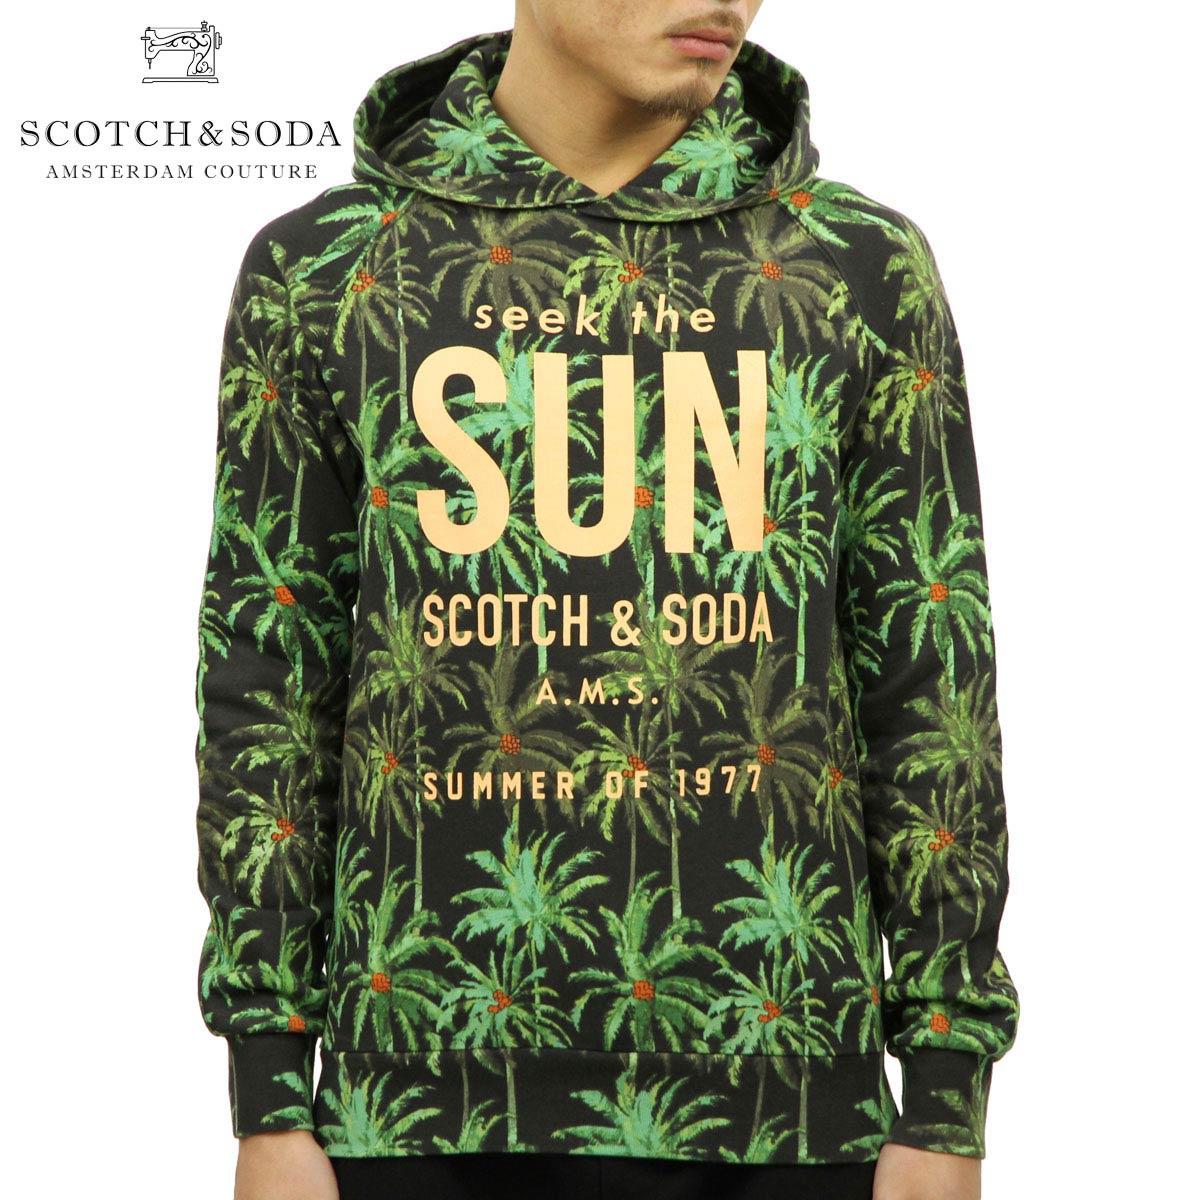 スコッチアンドソーダ SCOTCH&SODA 正規販売店 メンズ プルオーバーパーカー HOODIE WITH PALM TREE ALL-OVER PRINT 142589 0217 53829 COMBO A